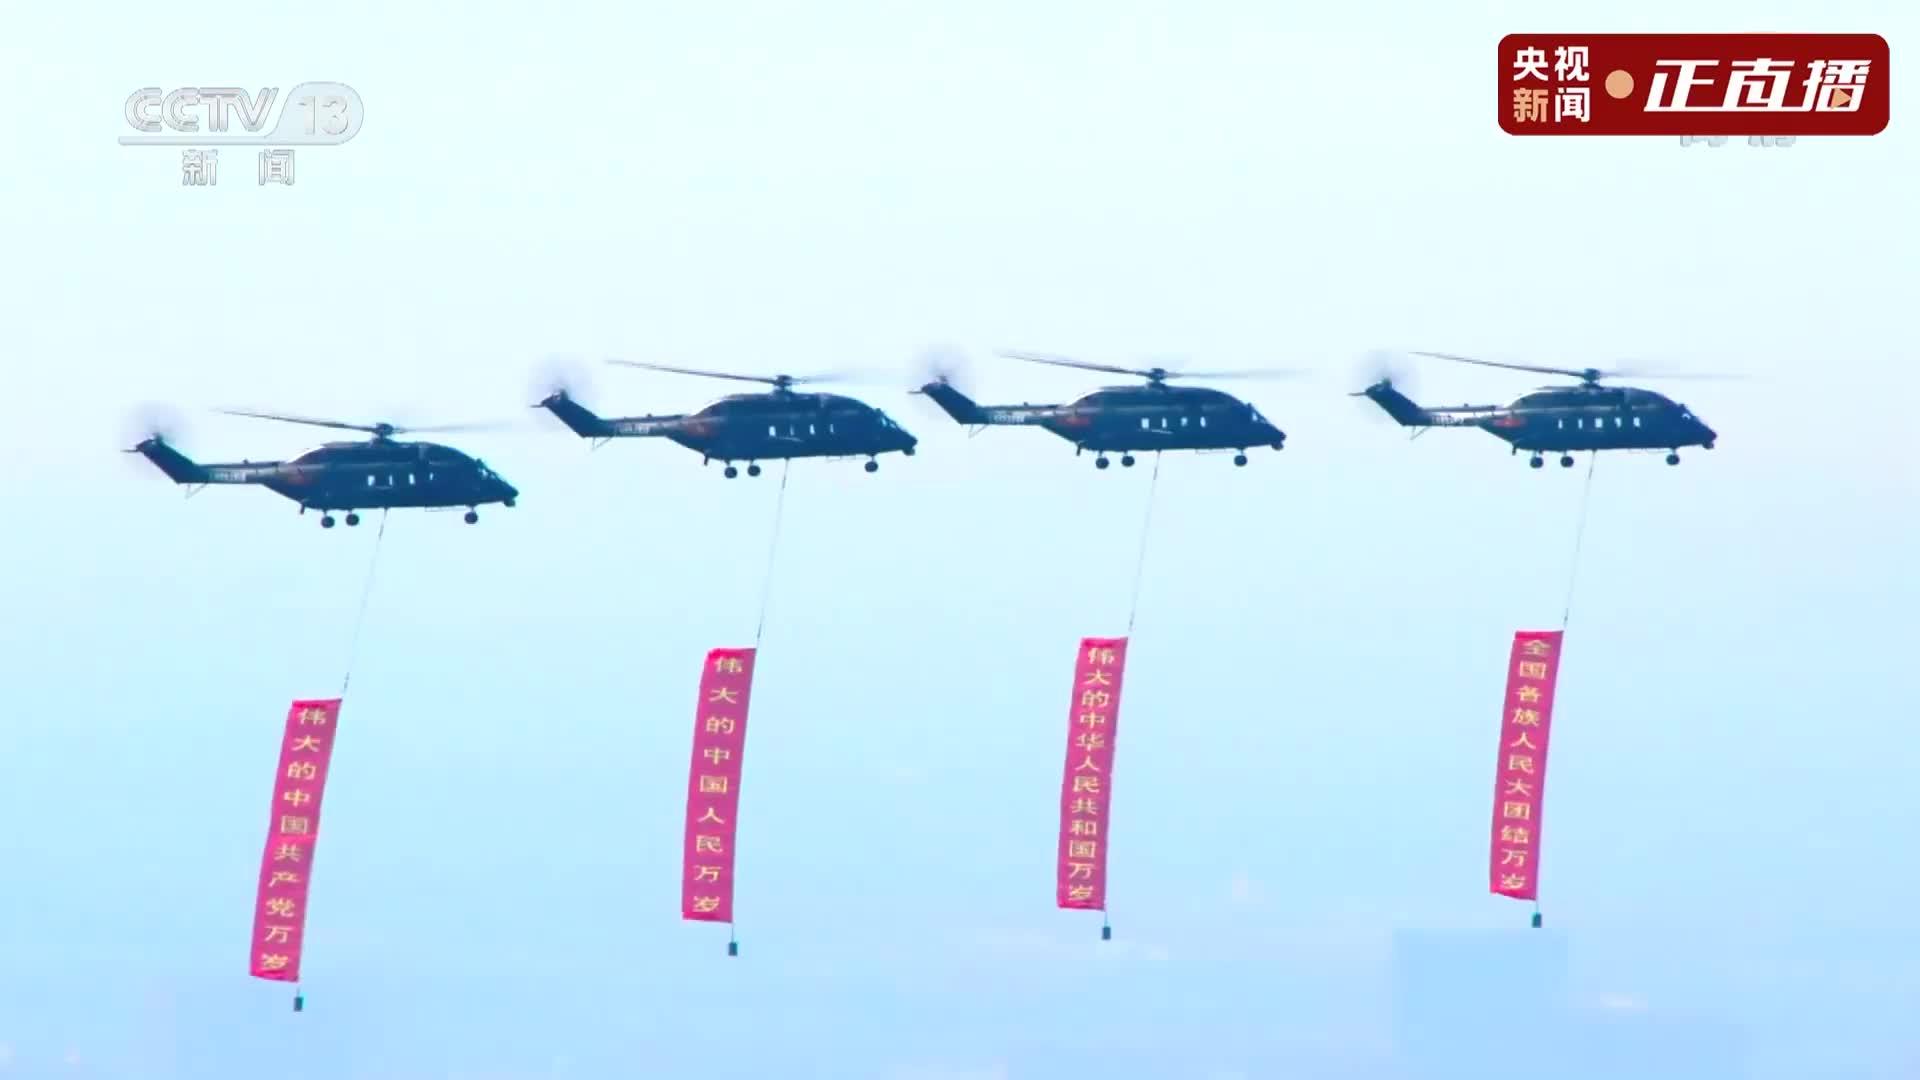 震撼画面!71架战鹰飞过天安门广场